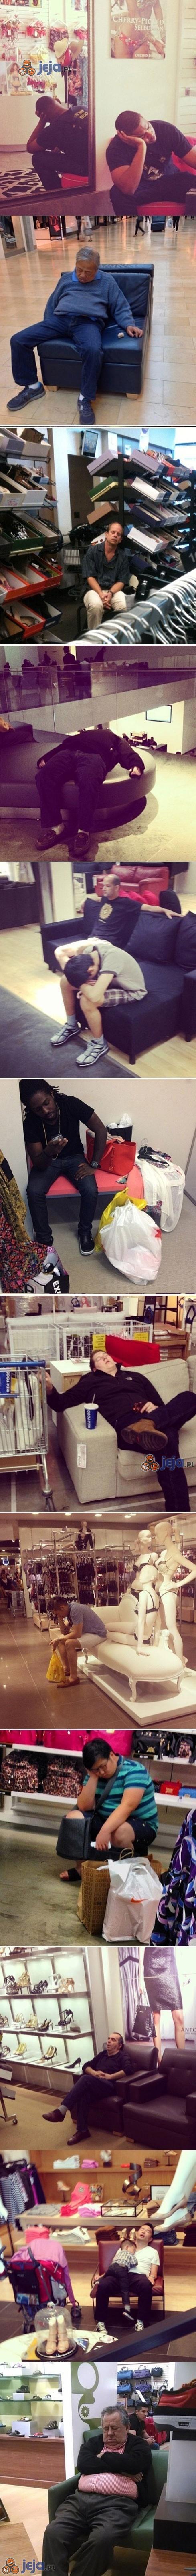 Jak wyglądają zakupy z kobietami